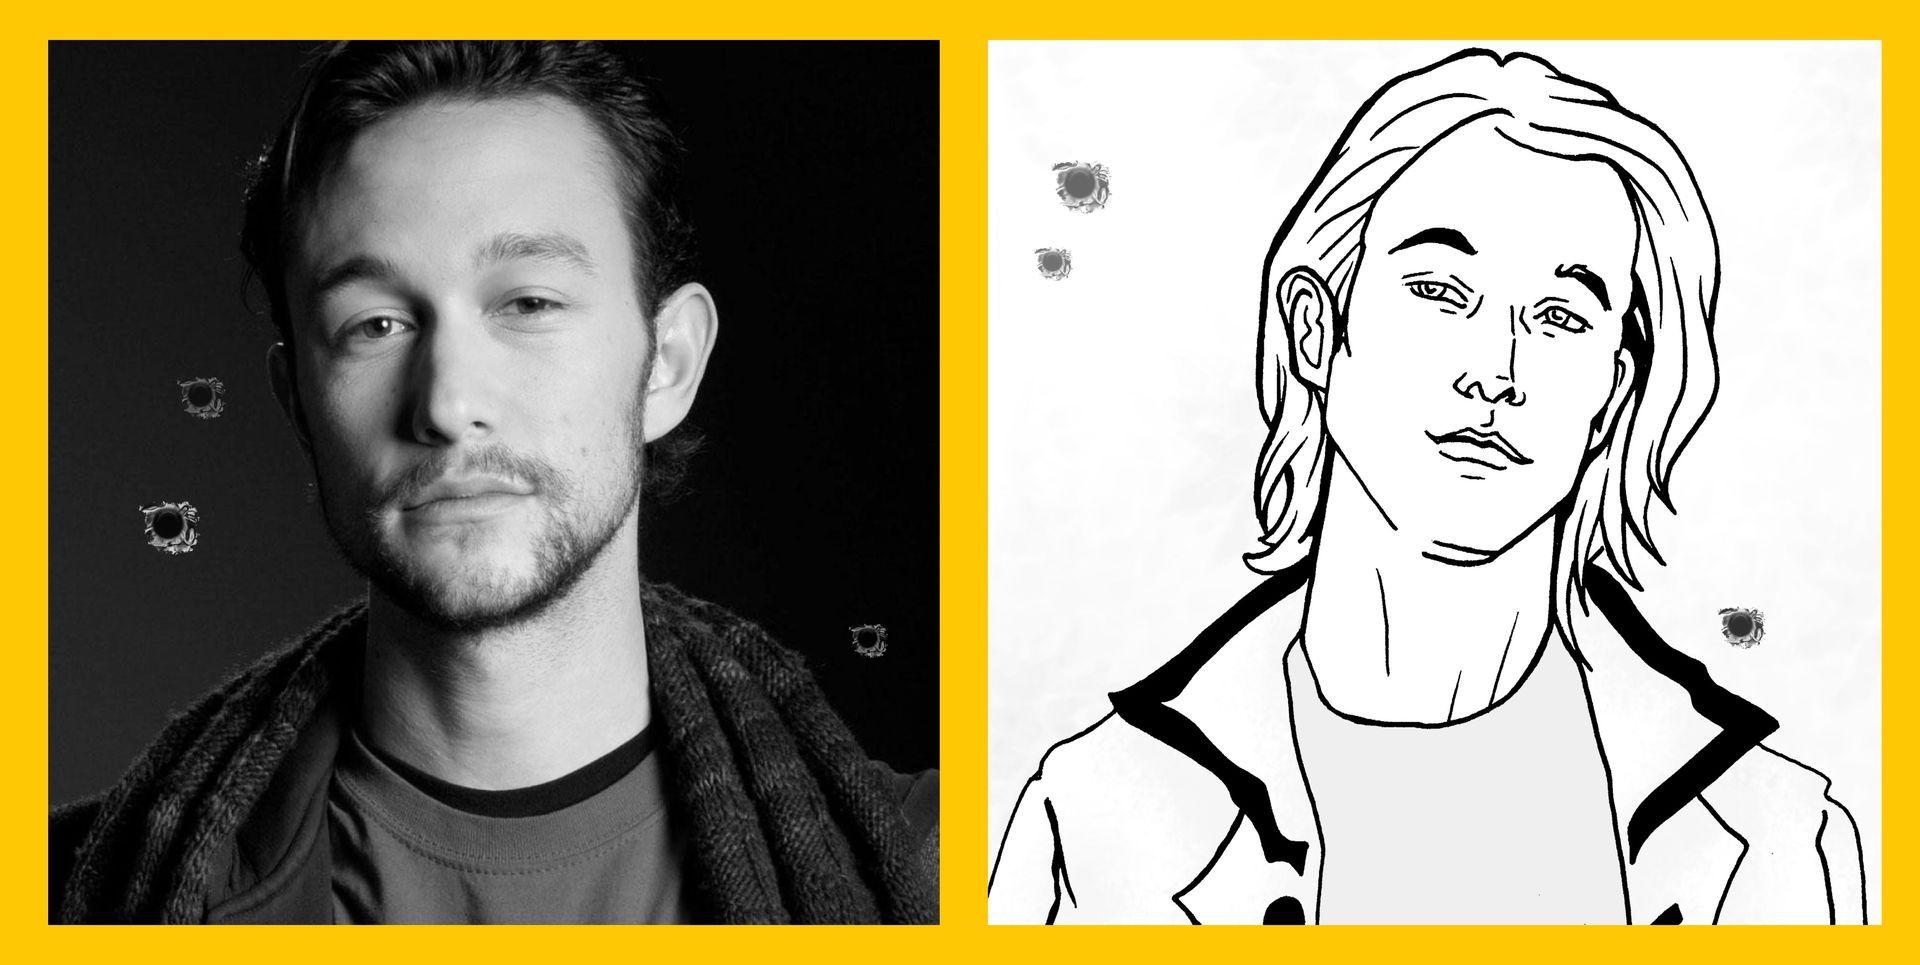 Durante a produção das ilustrações, eu utilizei o ator como base para o personagem